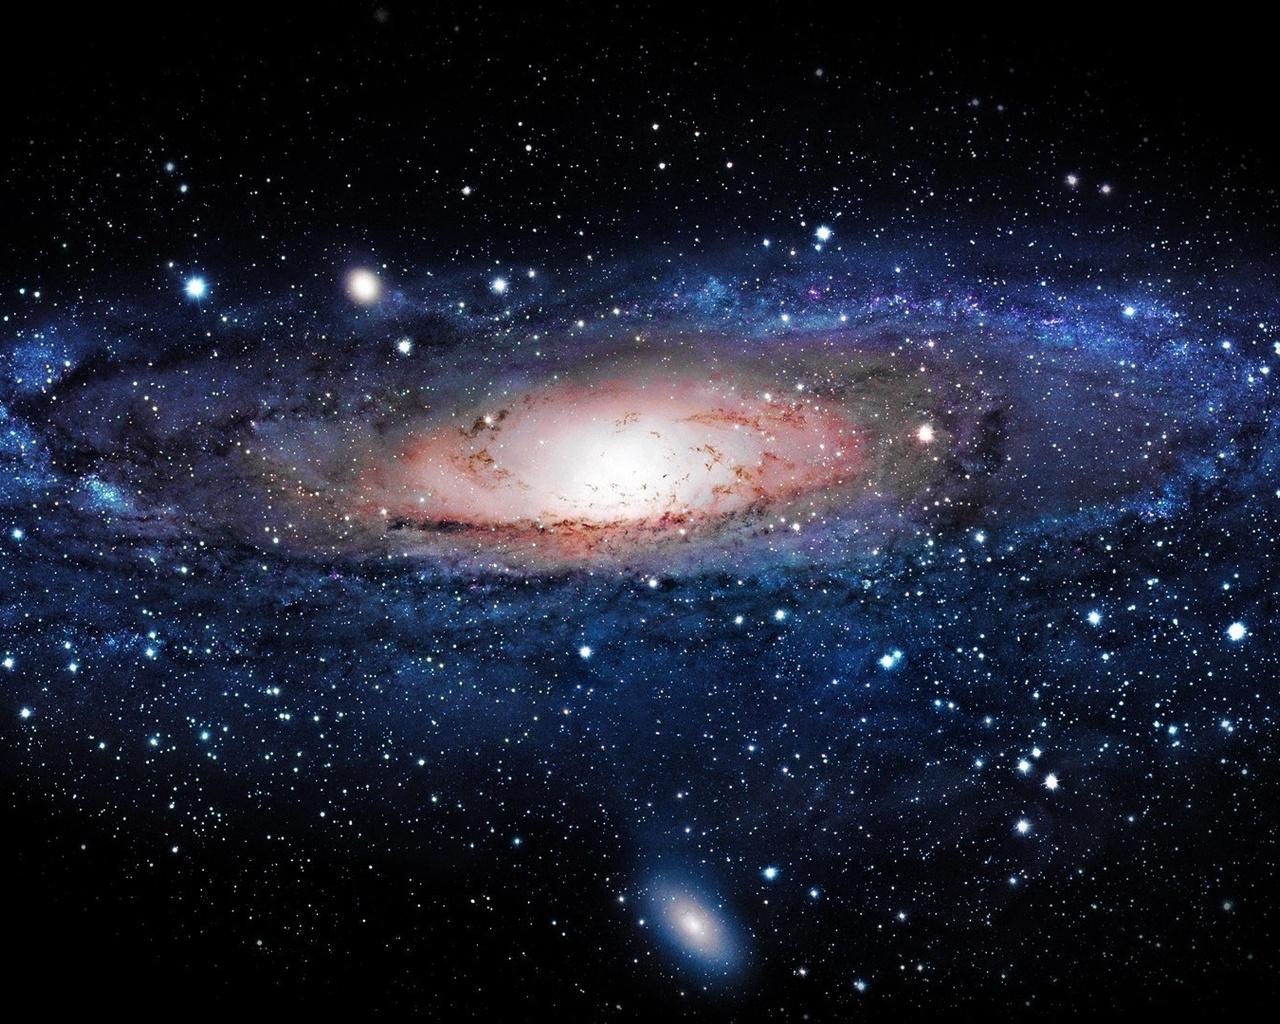 http://2.bp.blogspot.com/-Oj9mXly1FRc/UEbFD50iQfI/AAAAAAAABpQ/u0kM3F-d4og/s1600/galaxy%2Bwallpapers%2B1080p%2B4.jpg